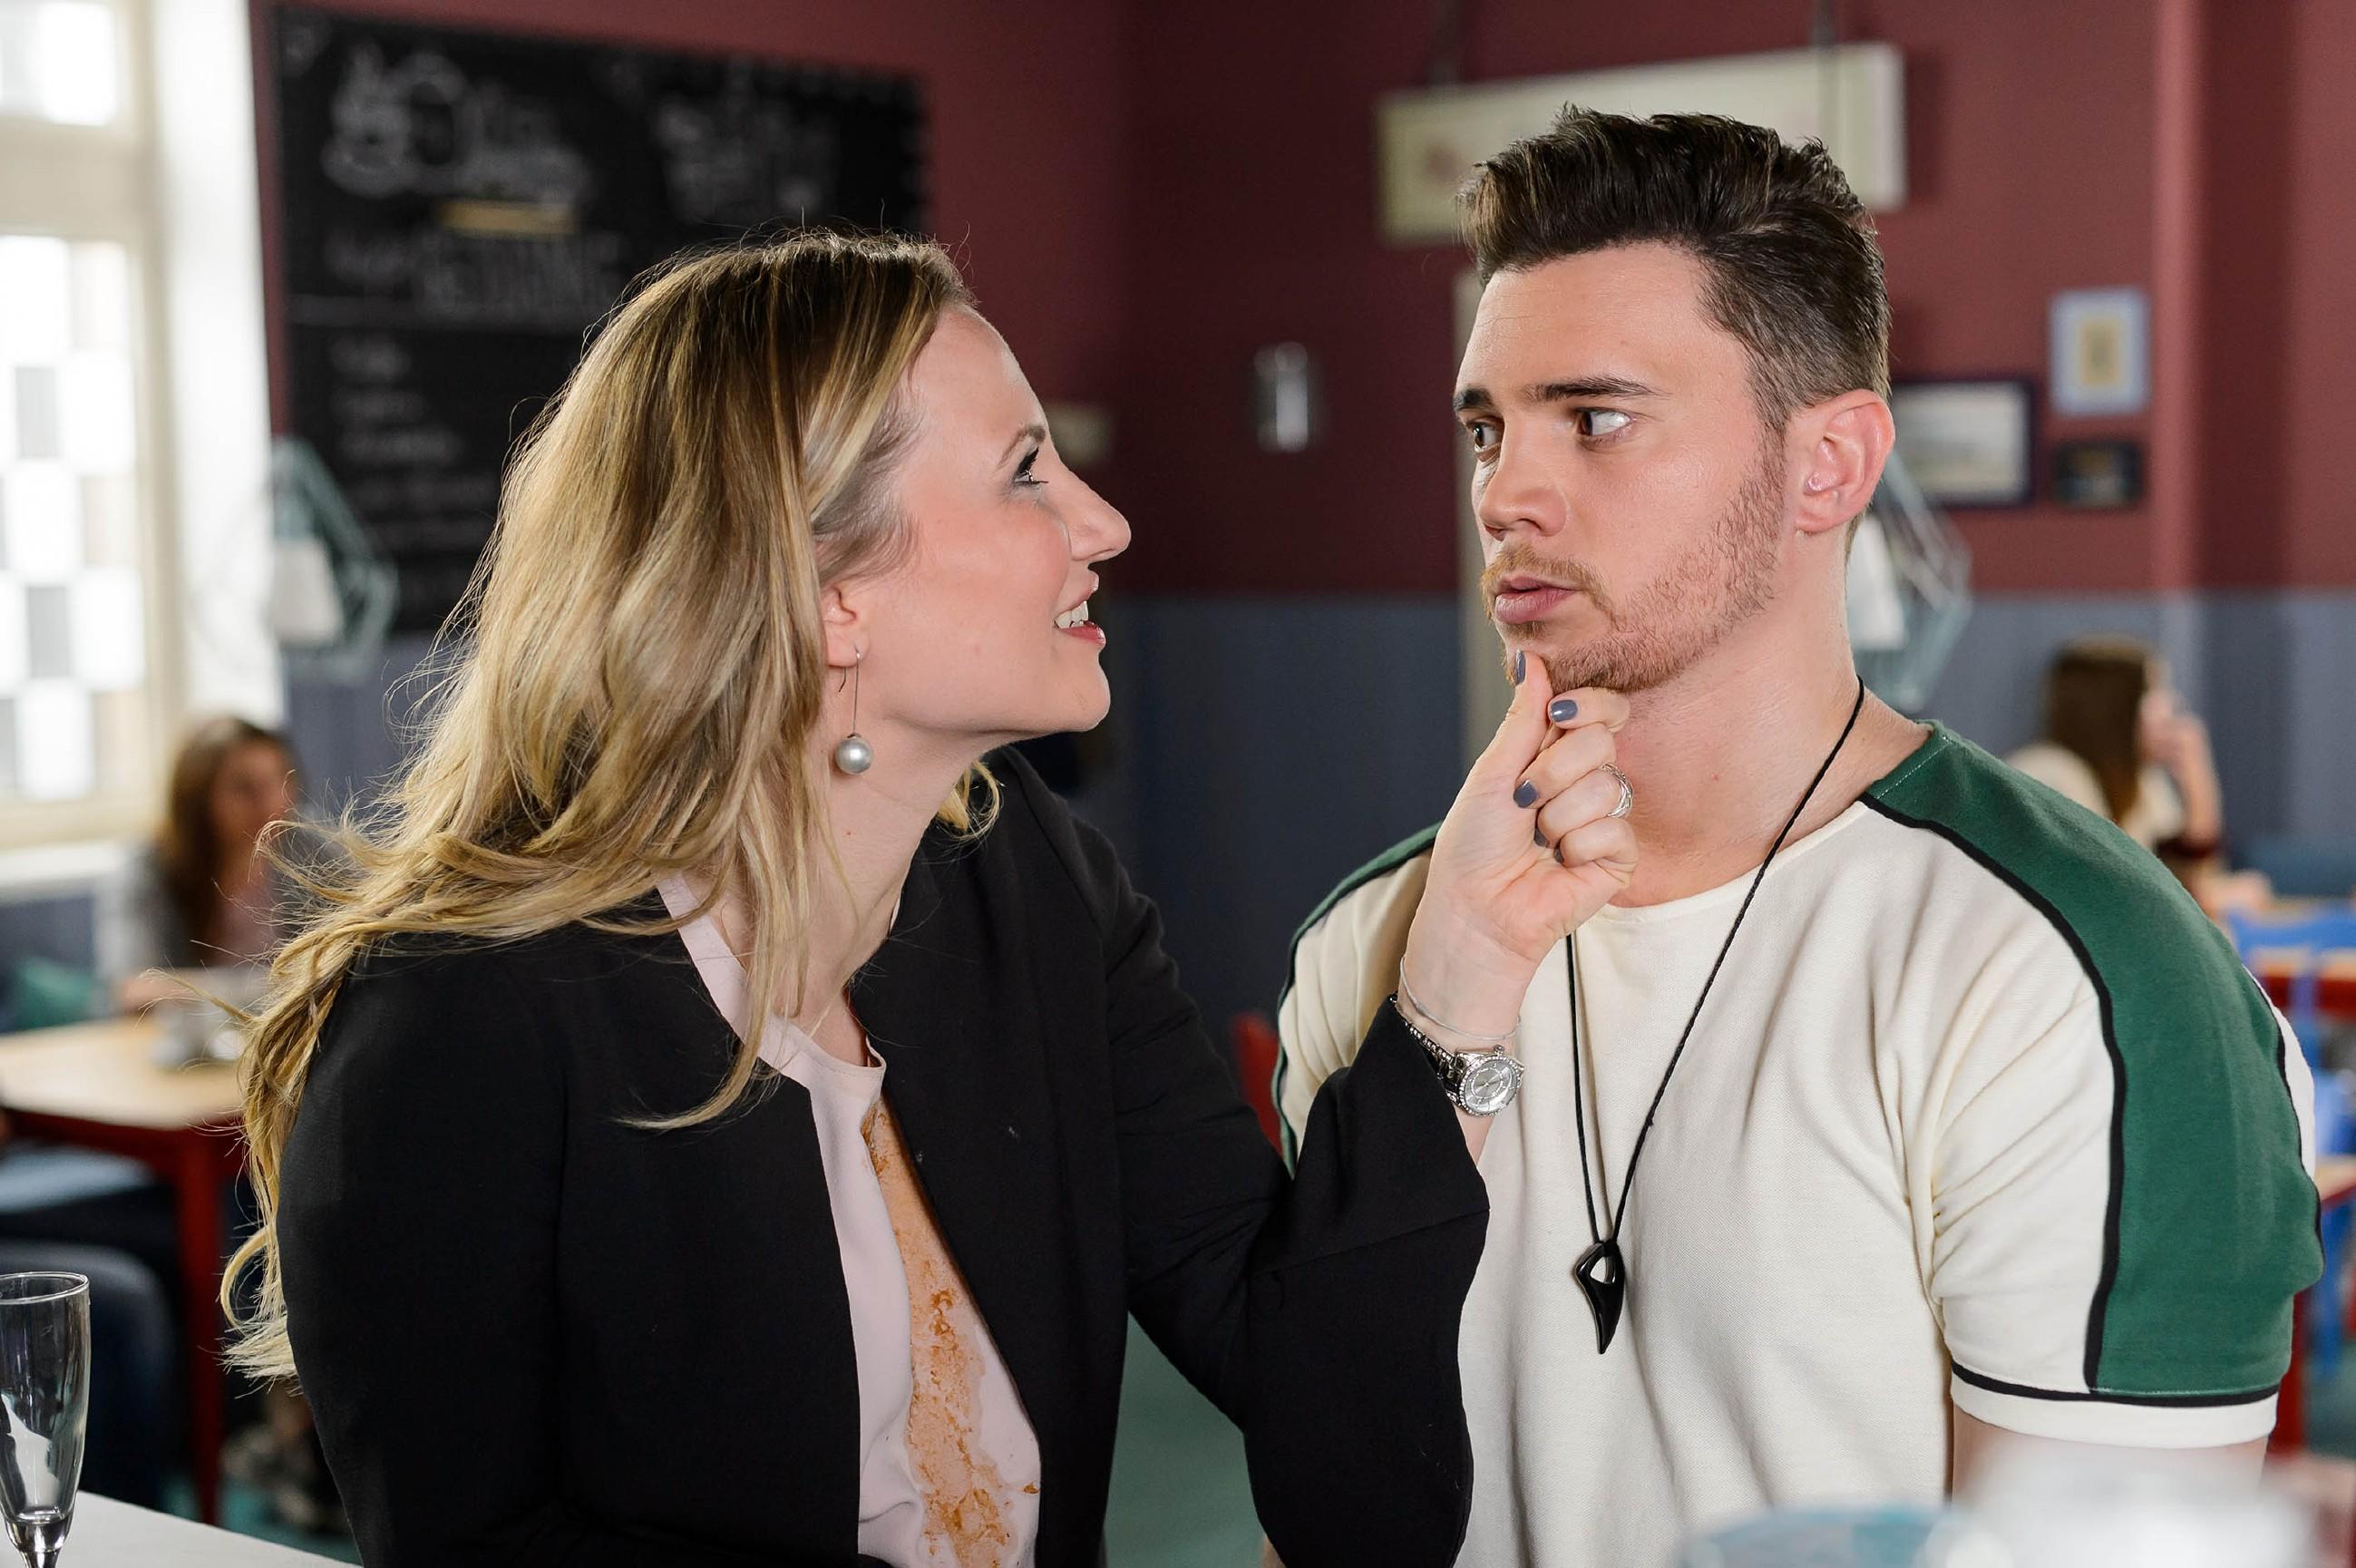 Da Ronny (Bela Klentze) auf dem besten Weg ist, die Vulkan-Challenge zu gewinnen, zeigt plötzlich auch Isabelle (Ania Niedieck) Interesse an ihm und will seine Managerin werden. (Quelle: RTL / Willi Weber)